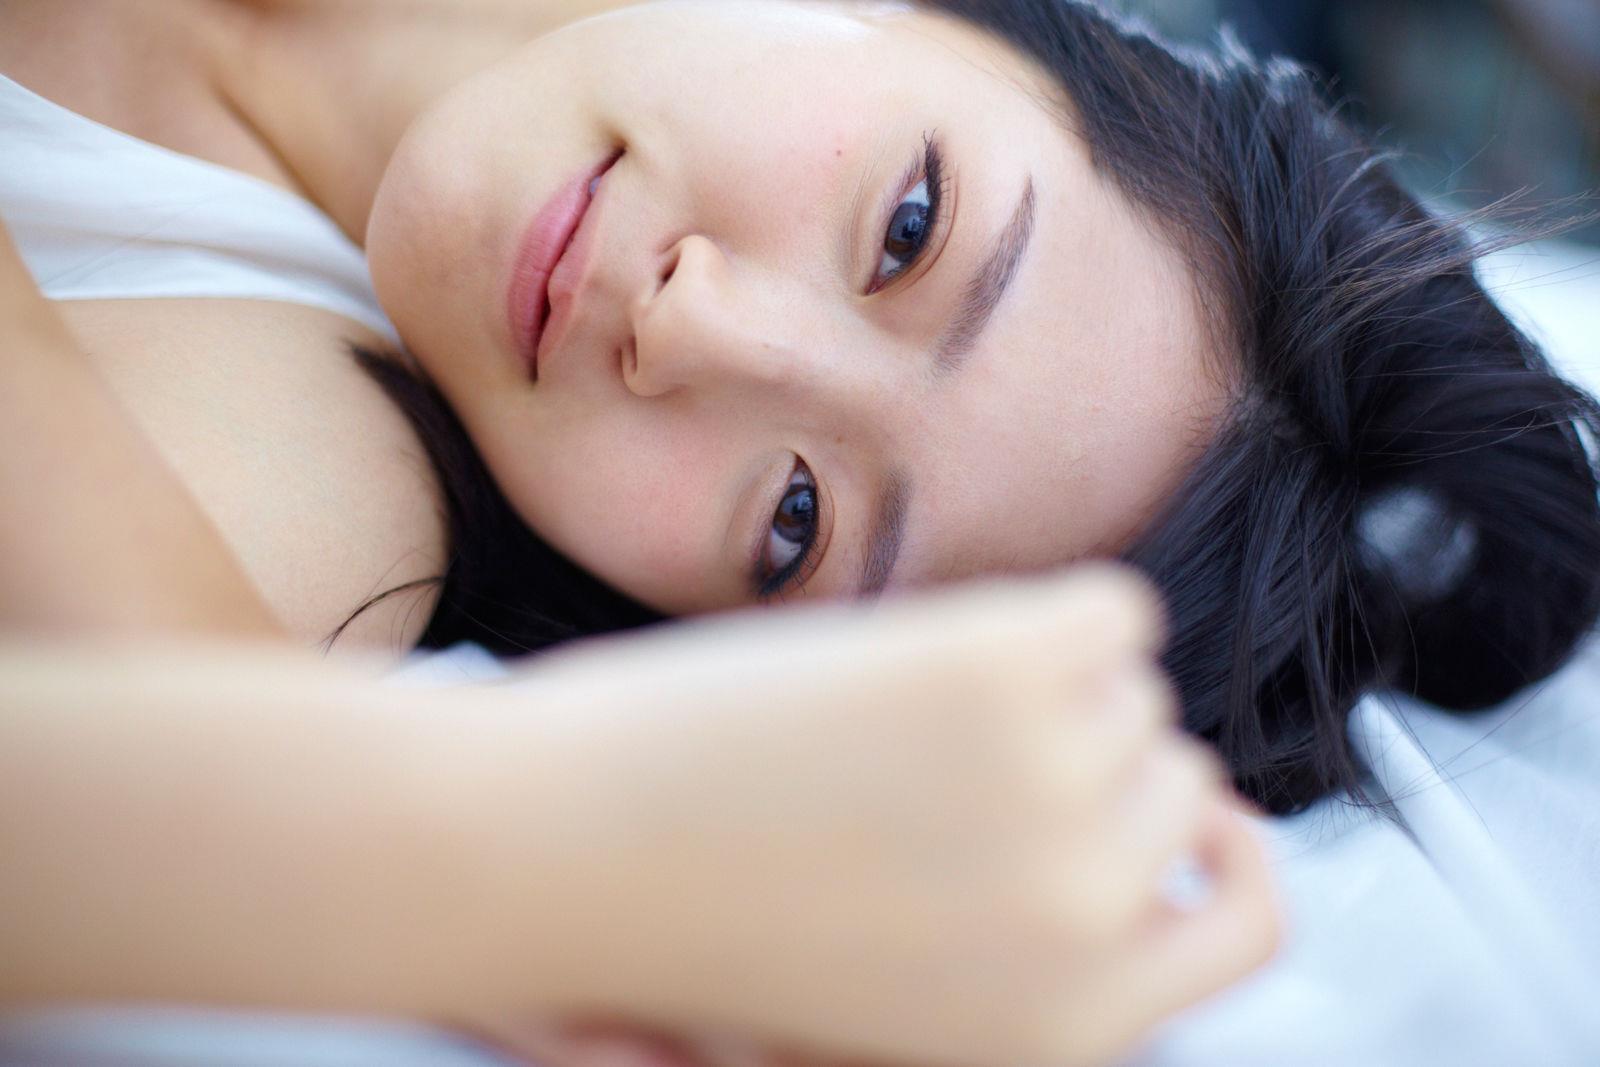 鈴木愛理(℃-ute) セクシー画像 66